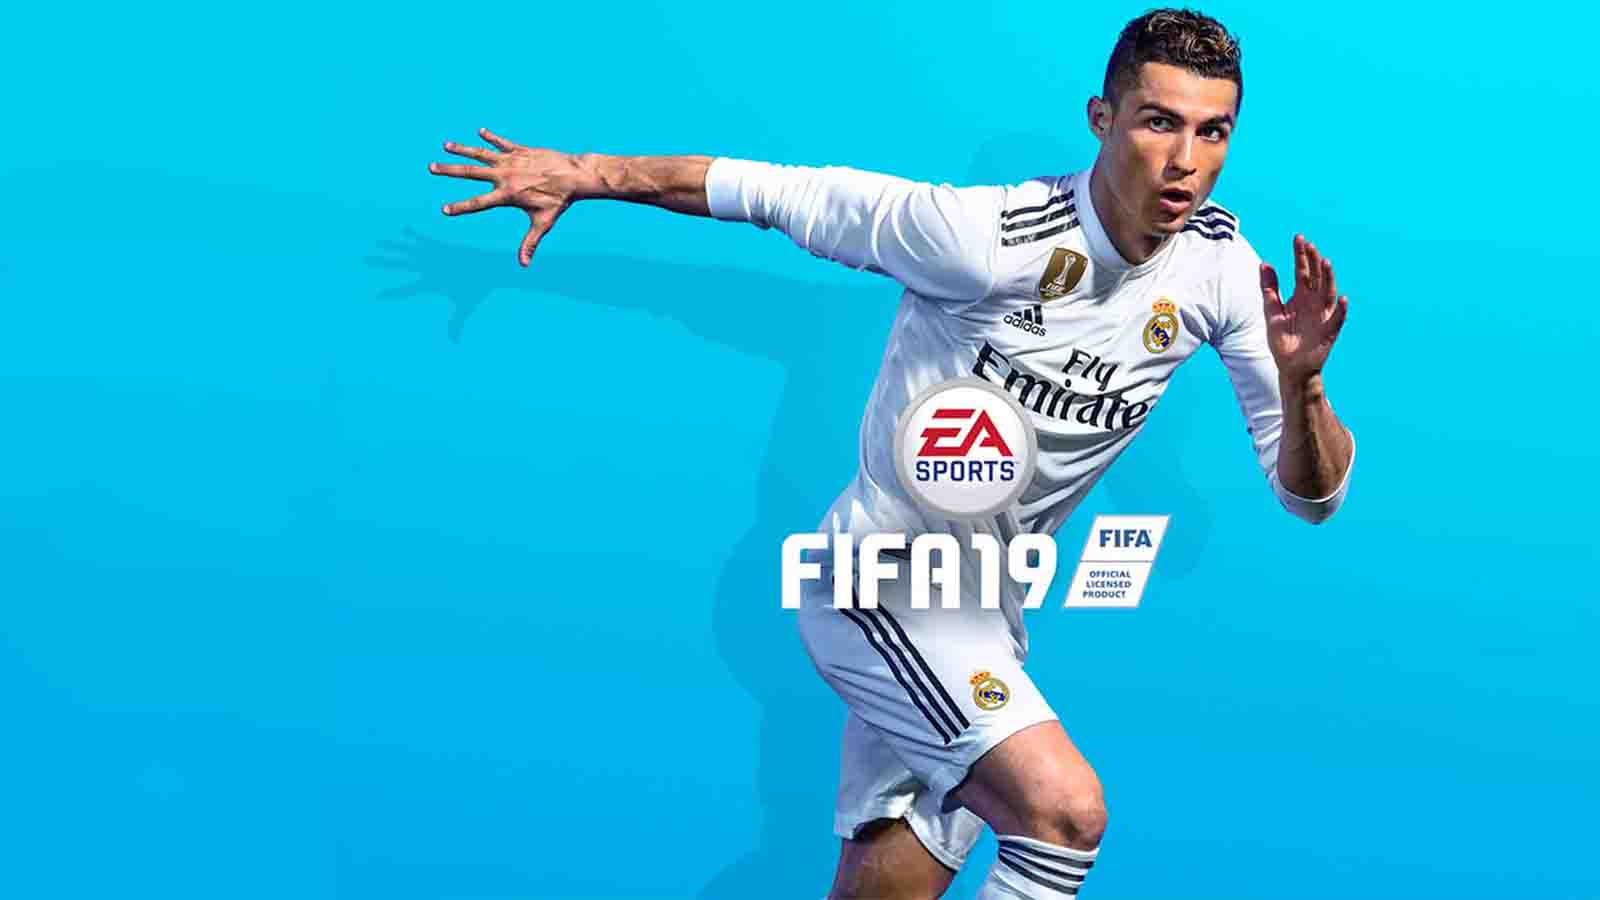 Update FIFA 19, Update Squad